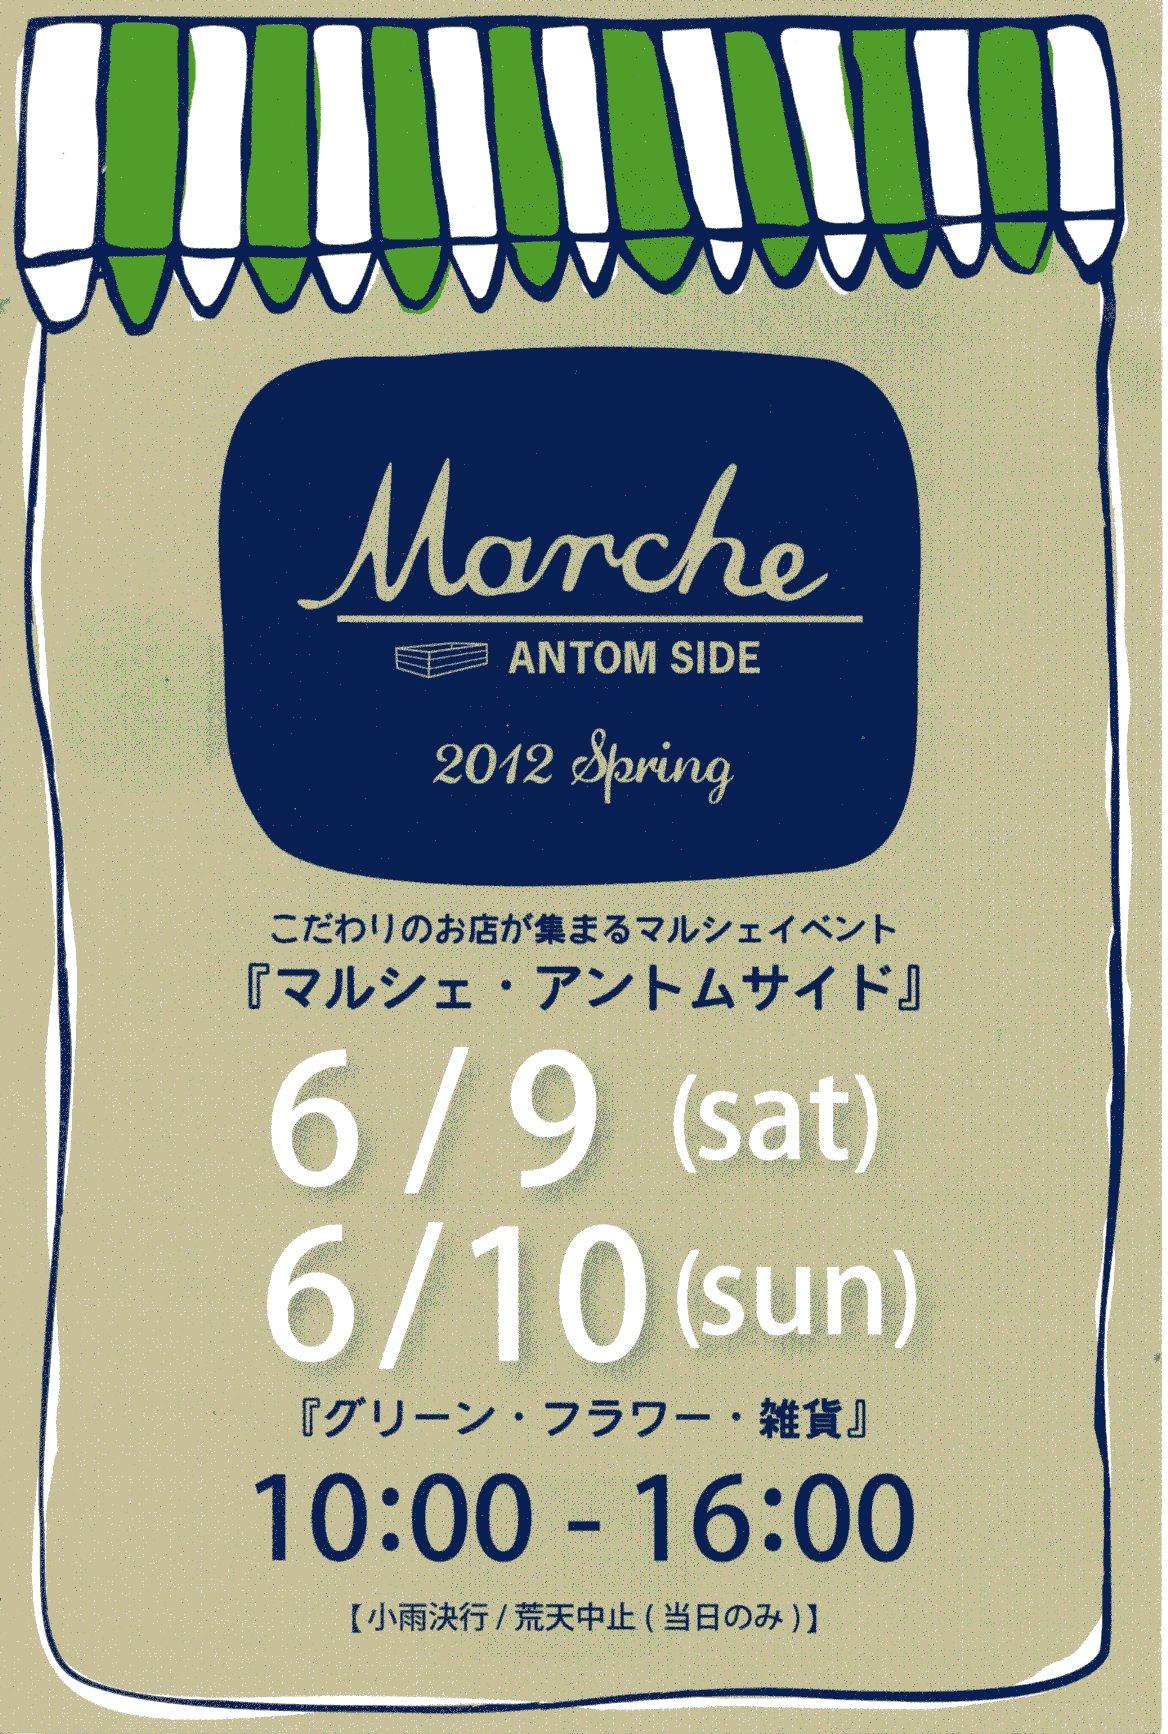 ピーカンMarche ANTOM SIDE_c0148232_208365.jpg